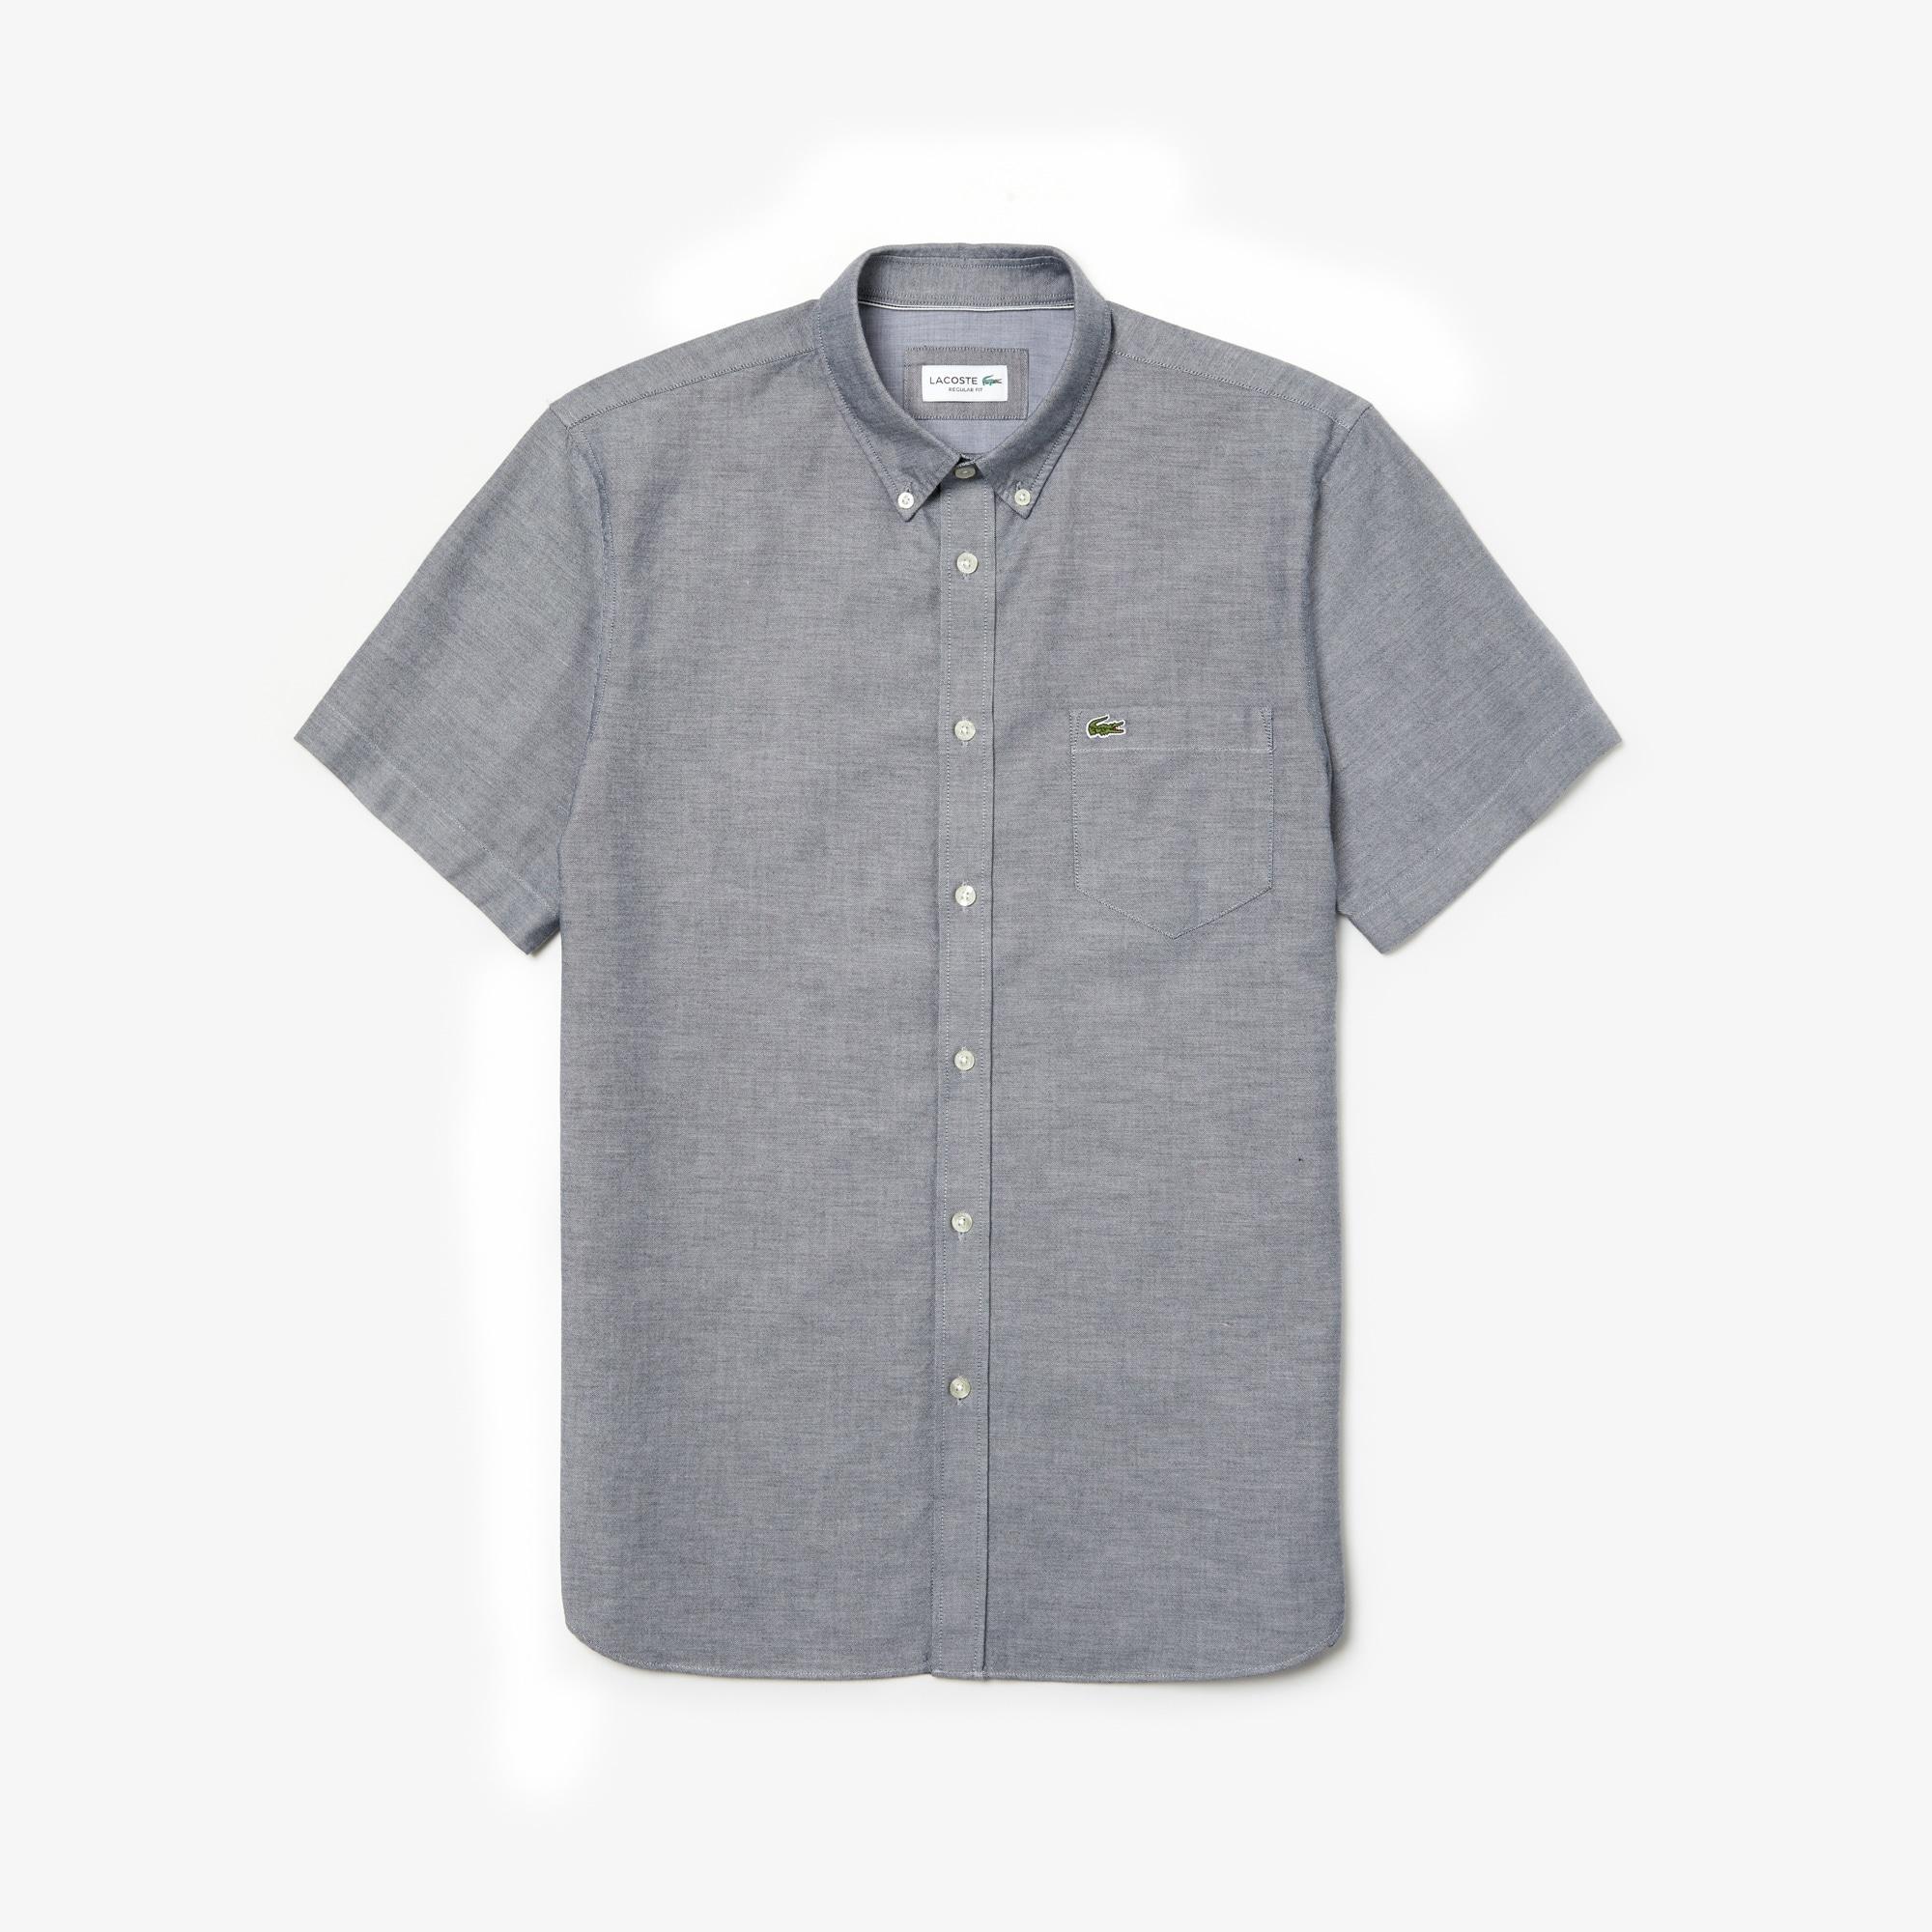 Chemise regular fit à manches courtes en coton Oxford uni